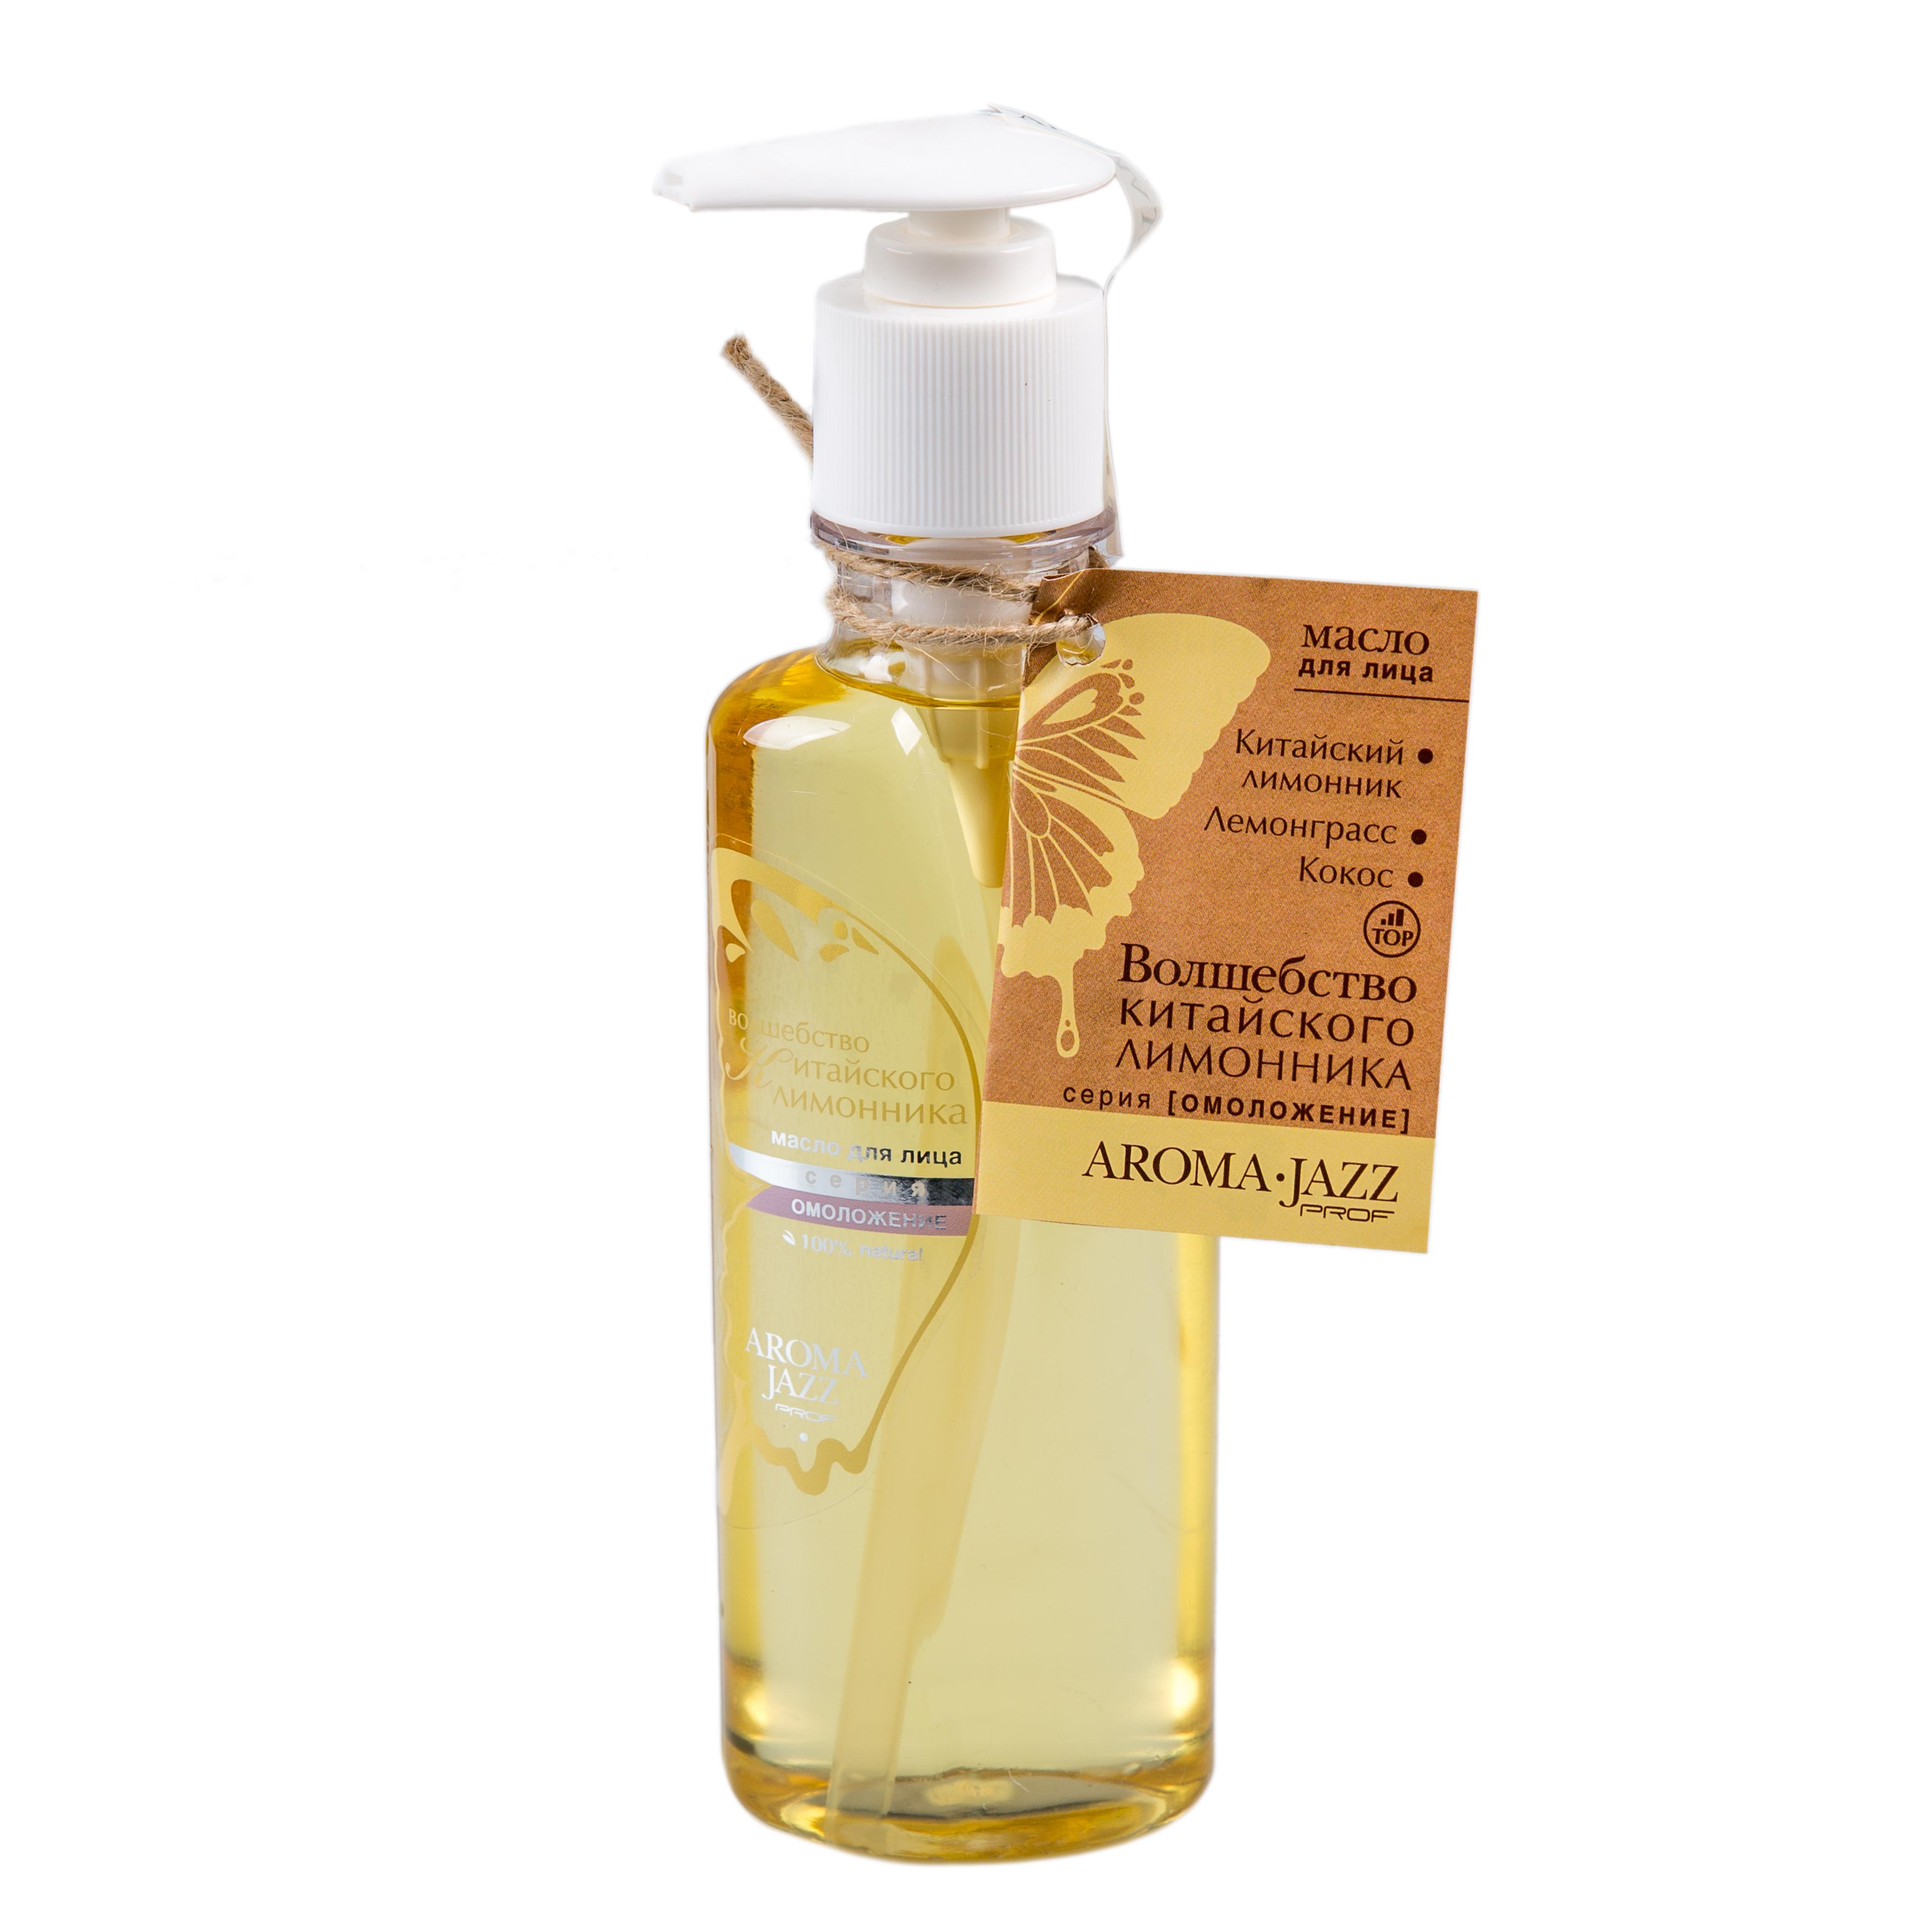 AROMA JAZZ Масло массажное жидкое для лица Волшебство китайского лимонника 200мл